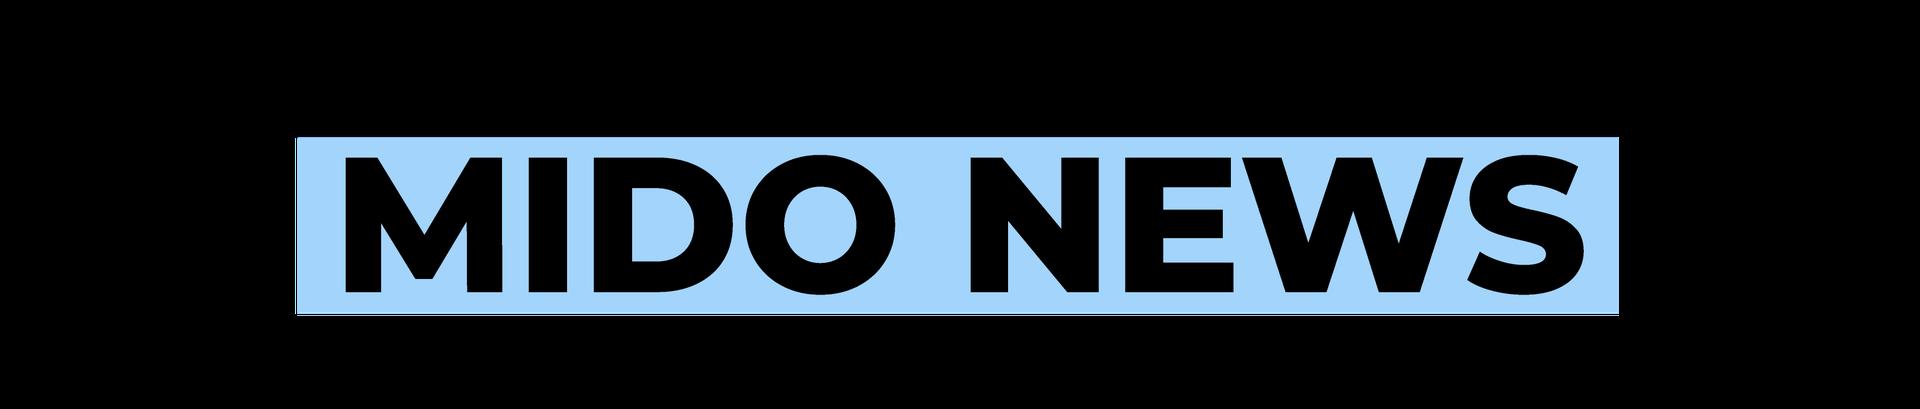 MIDO NEWS